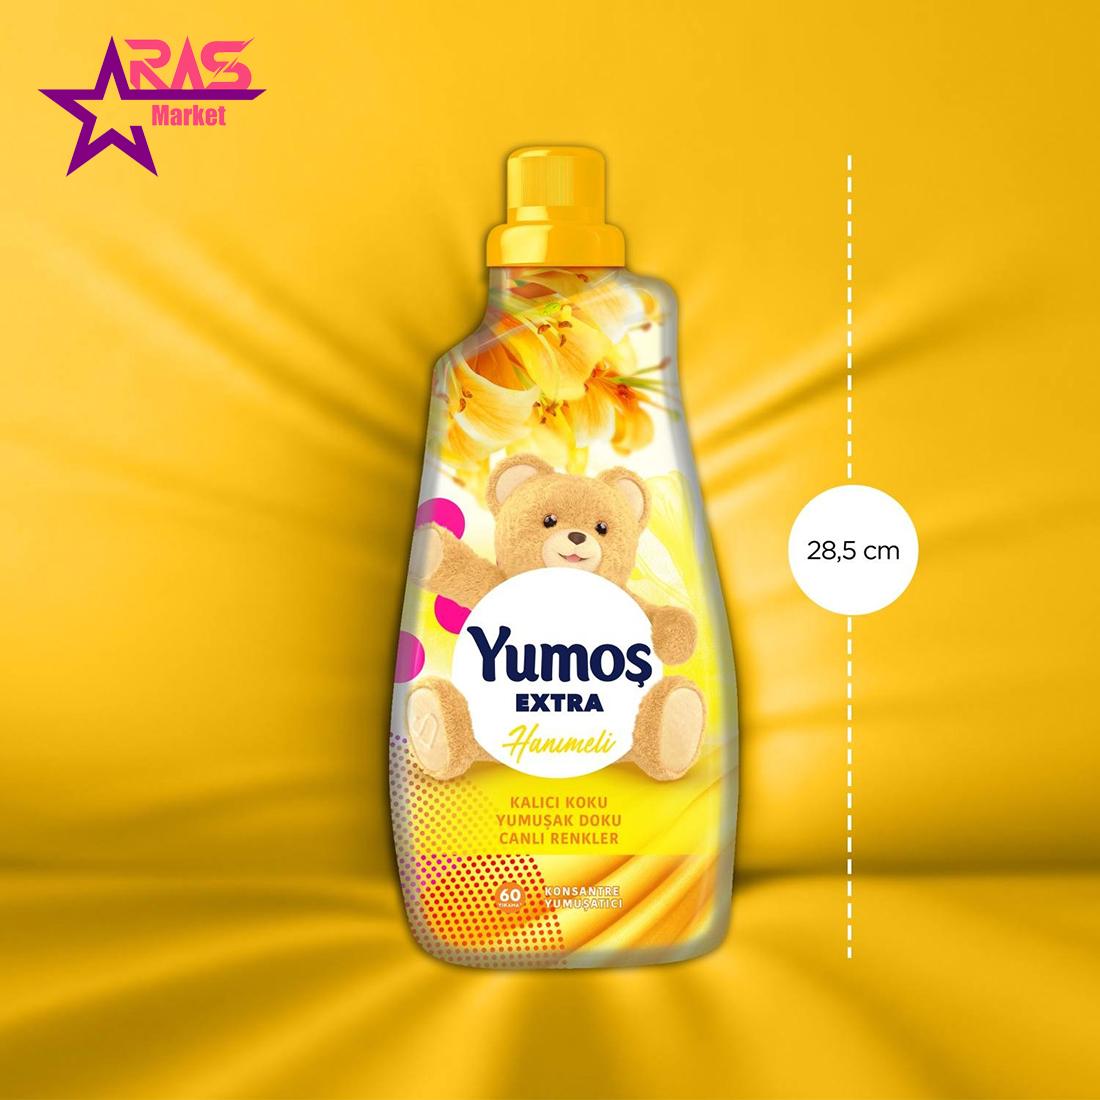 مایع نرم کننده لباس یوموش با رایحه گل یاس 1440 میلی لیتر ، فروشگاه اینترنتی ارس مارکت ، نرم کننده لباس yumos